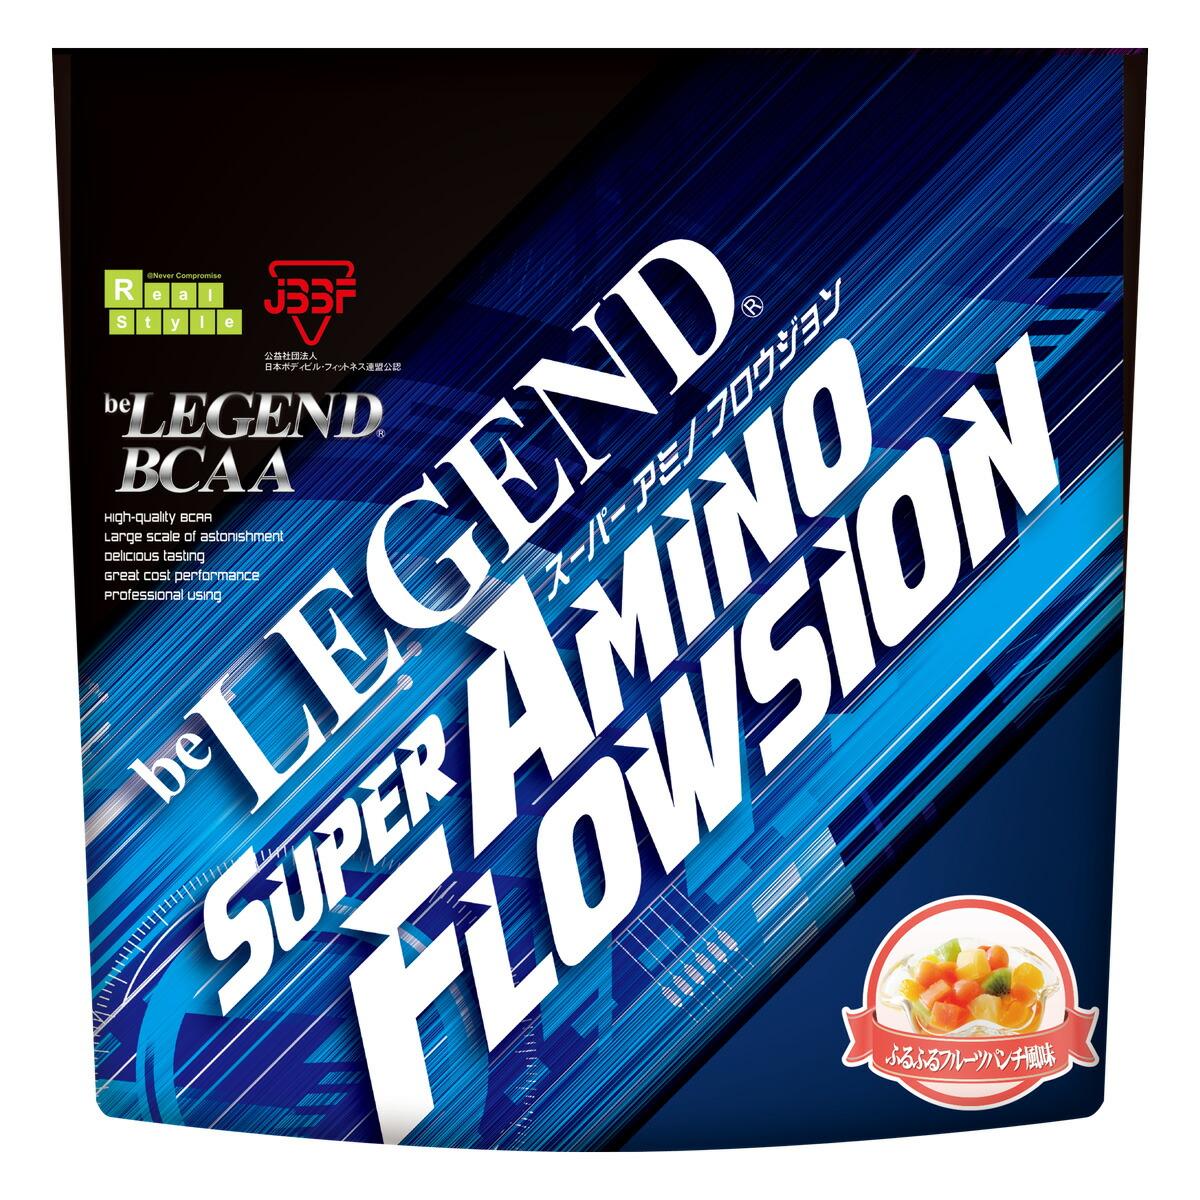 格安 苦みを抑えた美味しいBCAAドリンクが新登場 ビーレジェンド BCAA スーパー アミノフロウジョン ふるふるフルーツパンチ風味 420g スプーン付き be LEGEND シトルリン アミノ酸 FLOWSION AMINO 期間限定お試し価格 女性 オススメ 男性 SUPER グルタミン